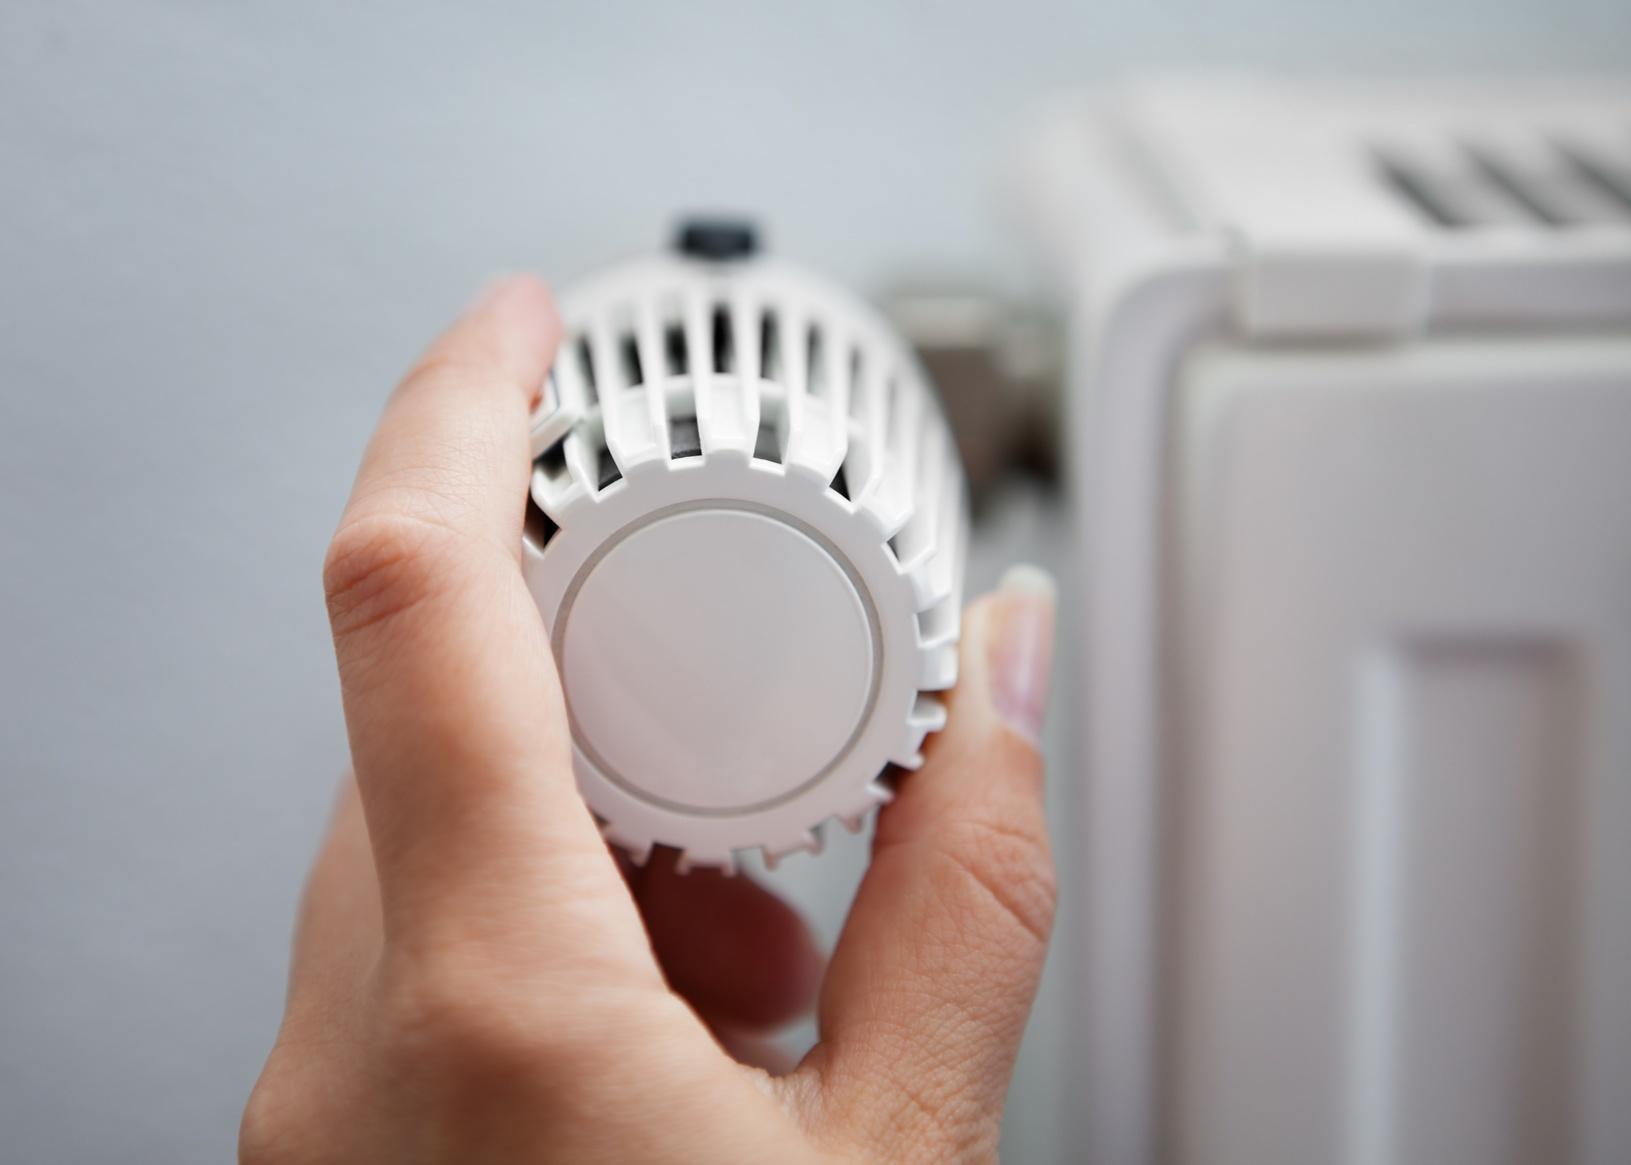 Installation et entretien de systèmes de chauffage.